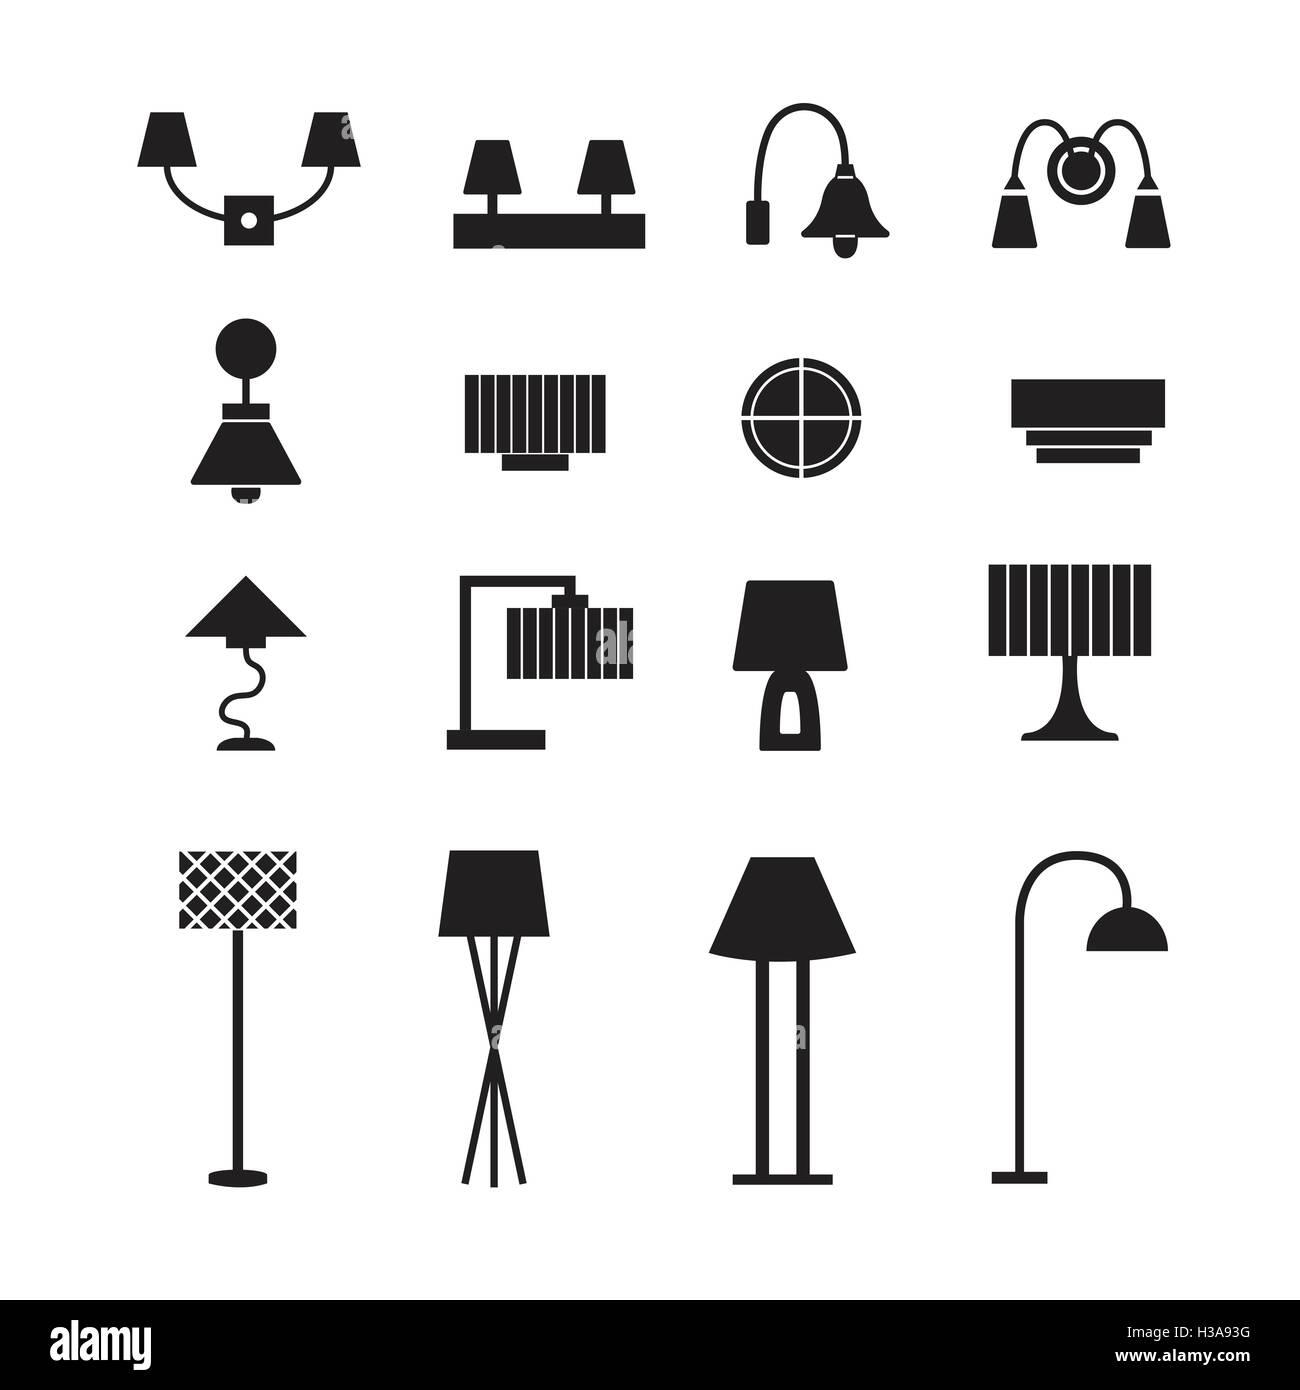 Hanging Lamp Vector: Lamp Vector, Wall Lamp, Desk Lamp, Floor Lamp, Decorate